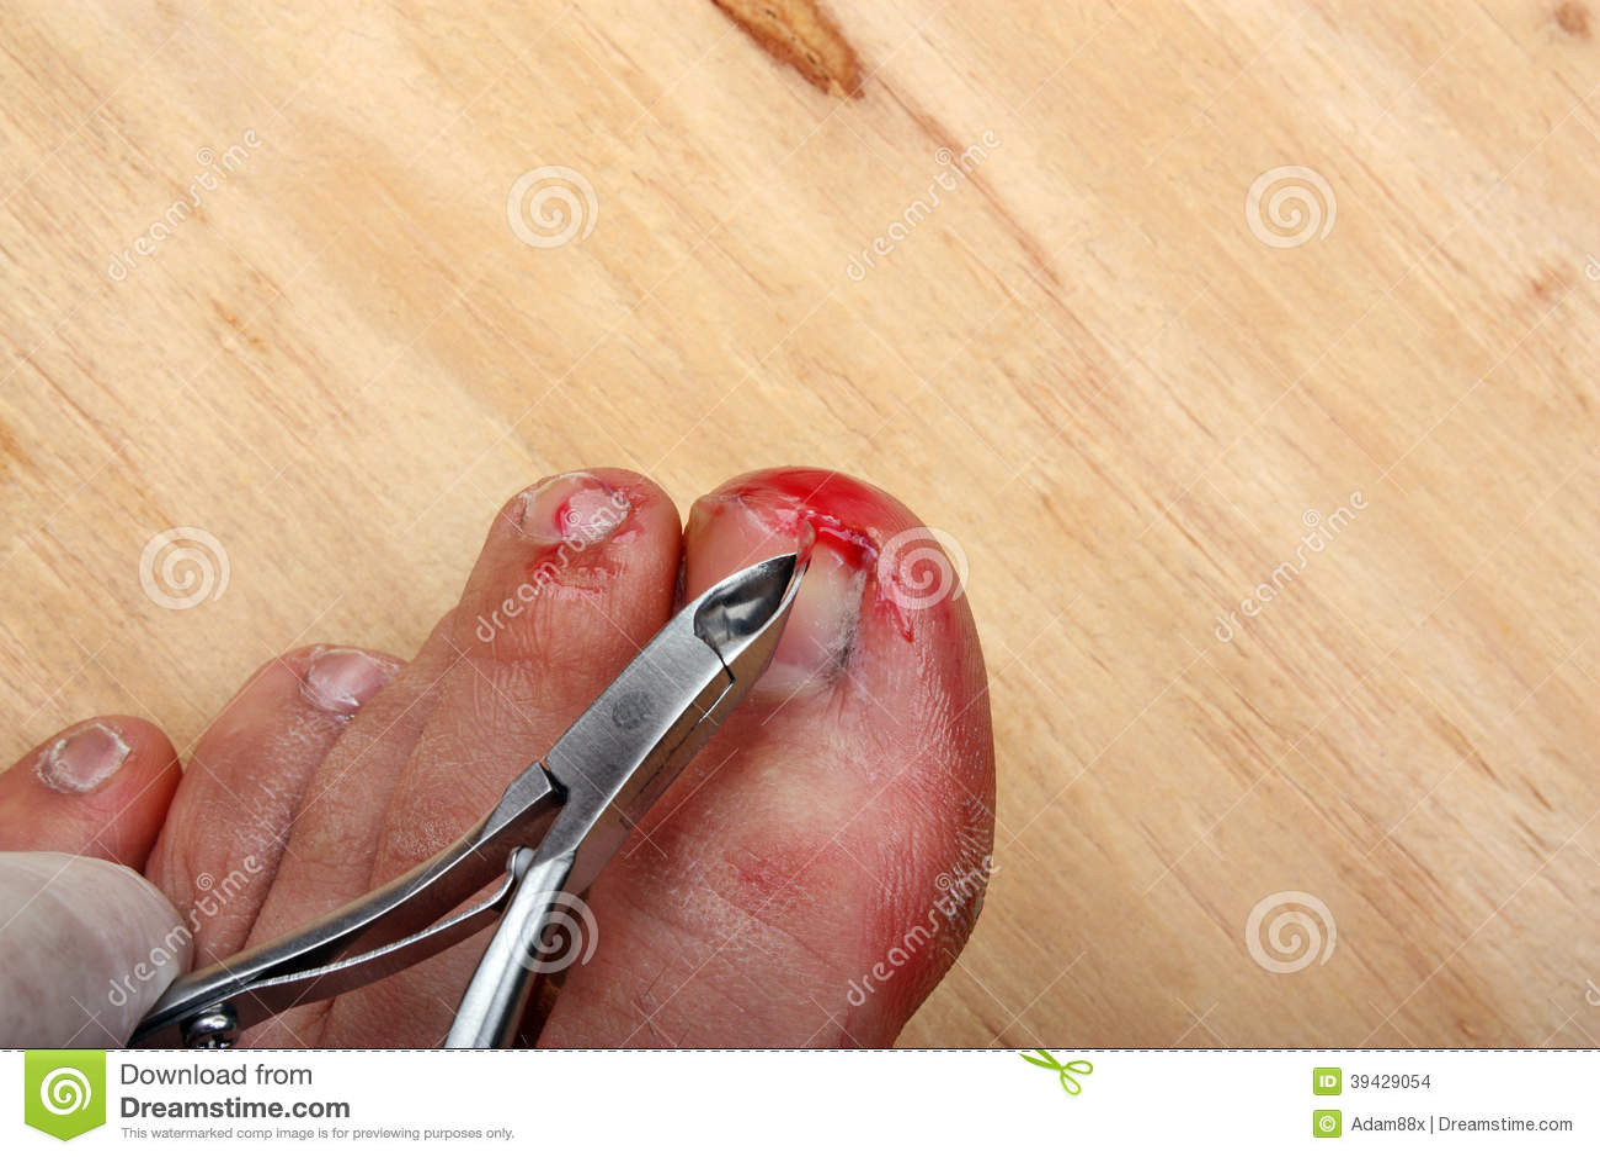 Come togliere un prurito di gambe a un fungo